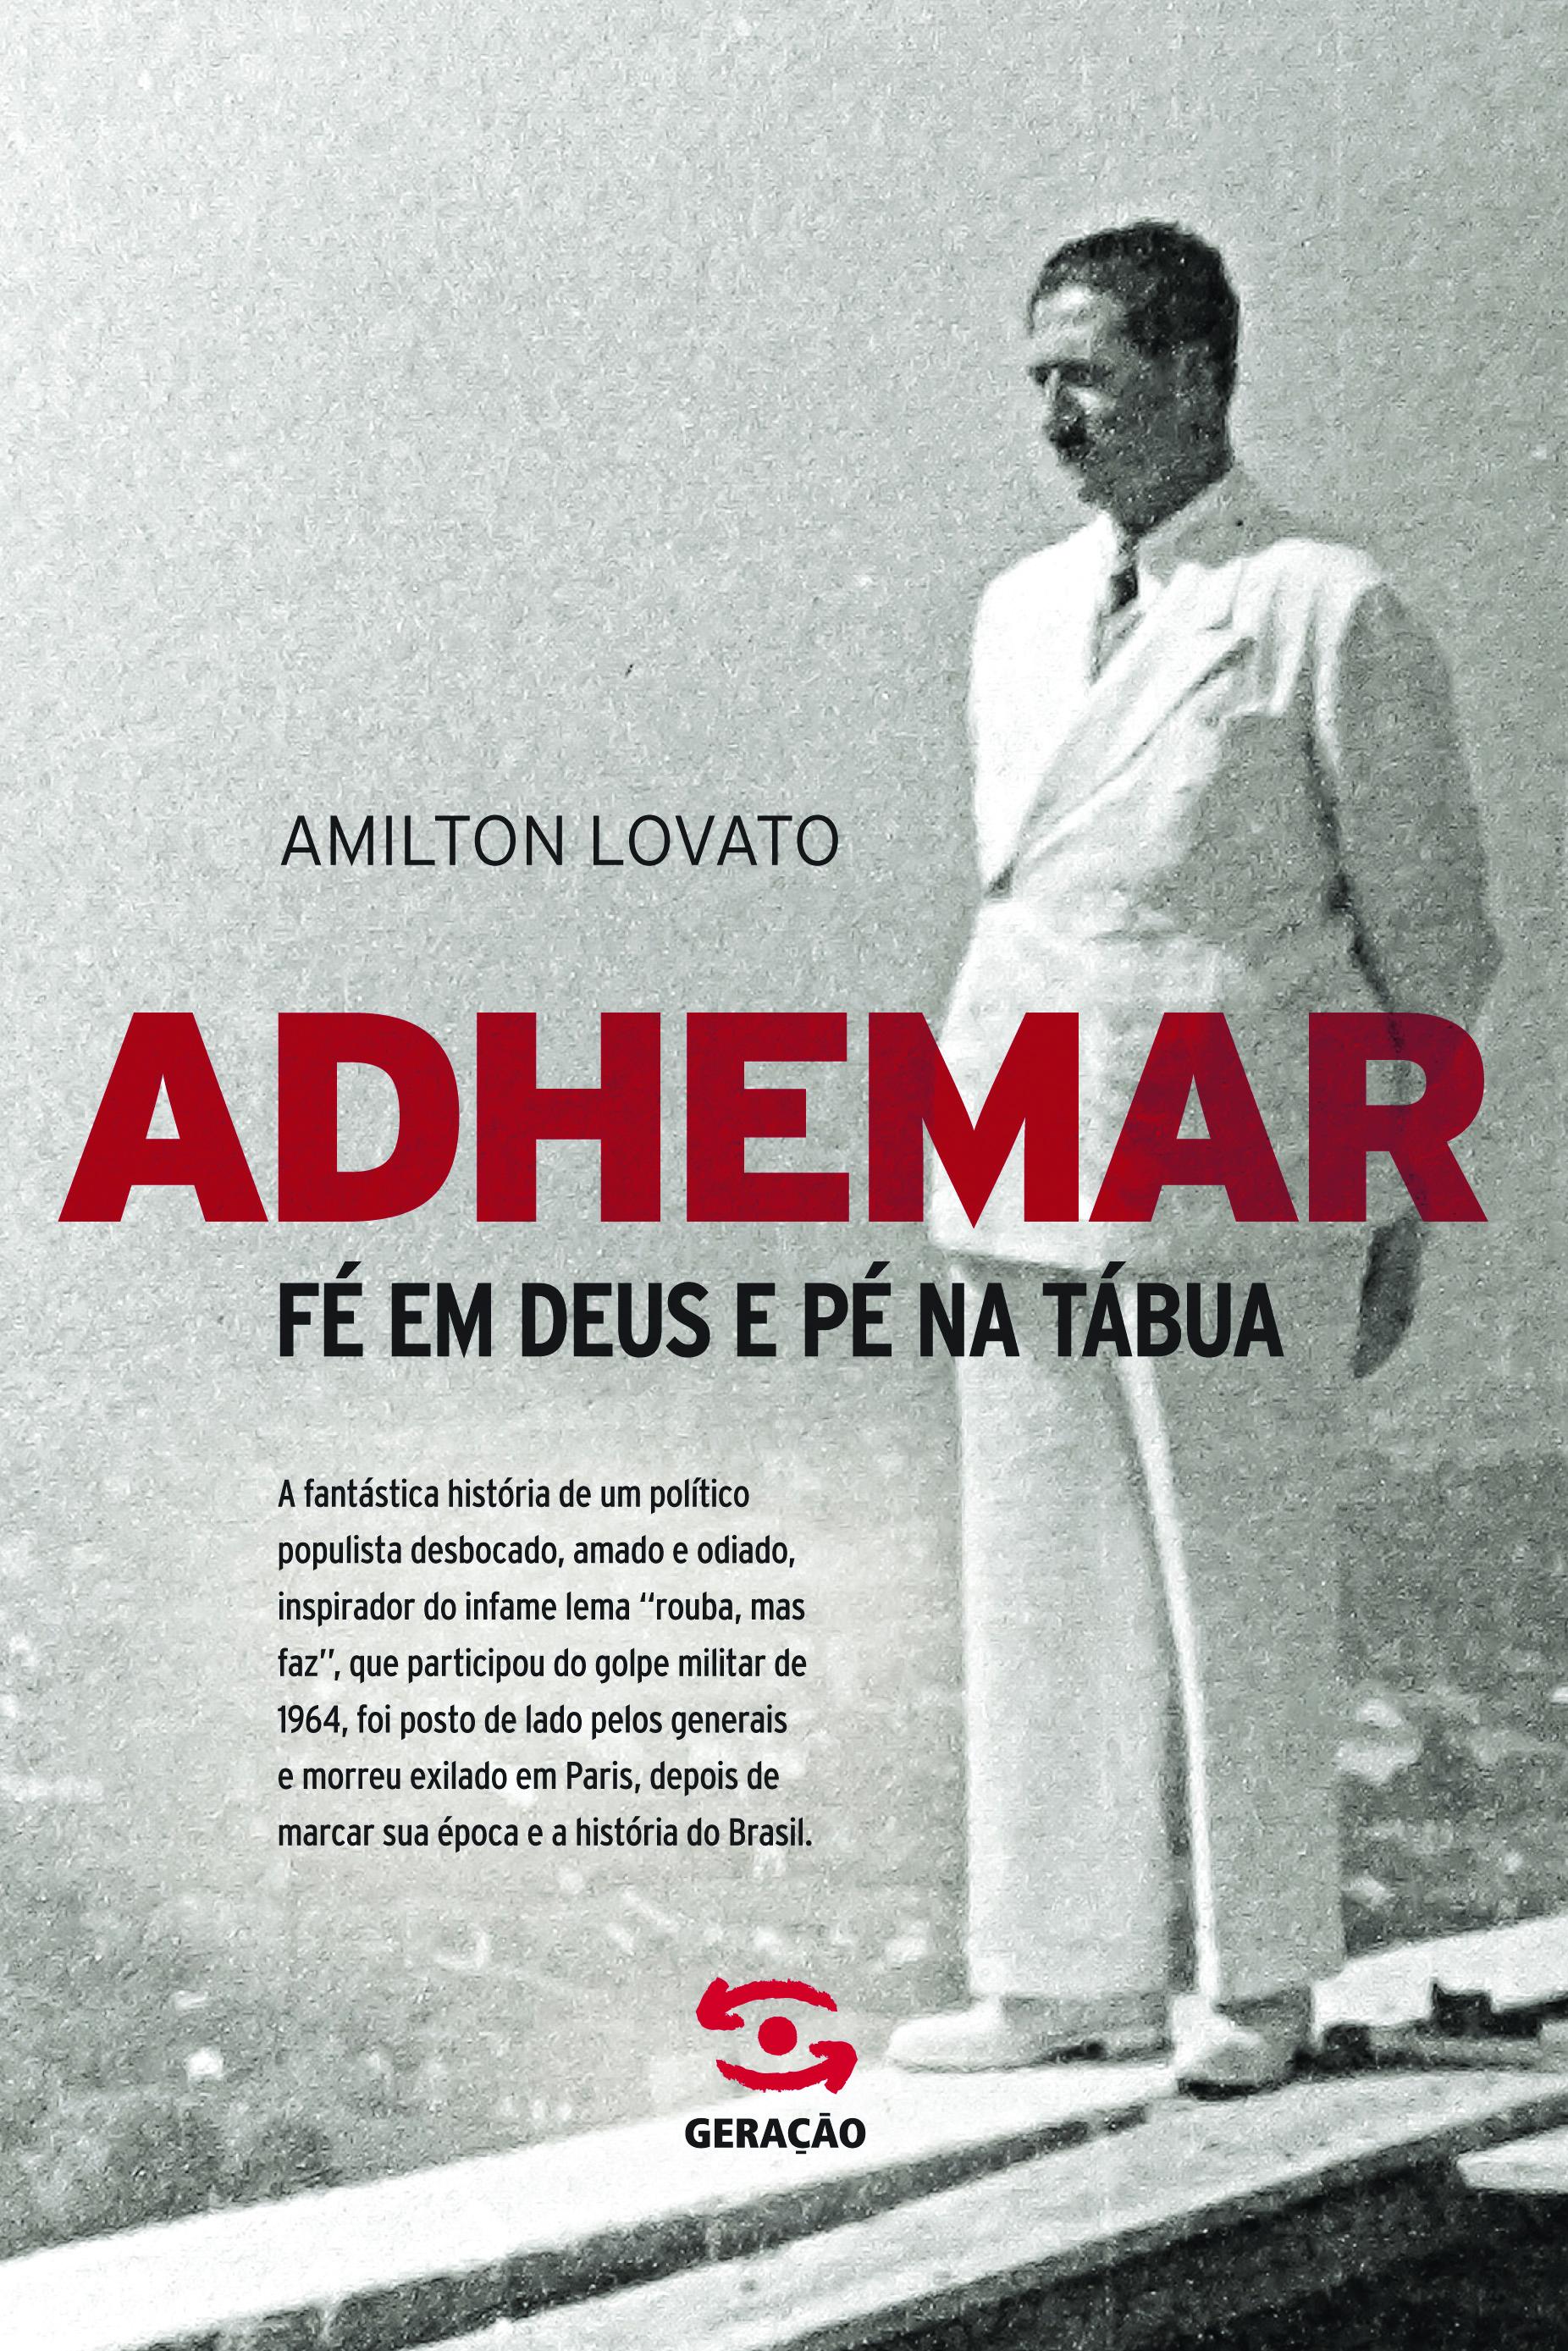 Adhemar: Fé em Deus e Pé na Tábua, livro de Amilton Lovato